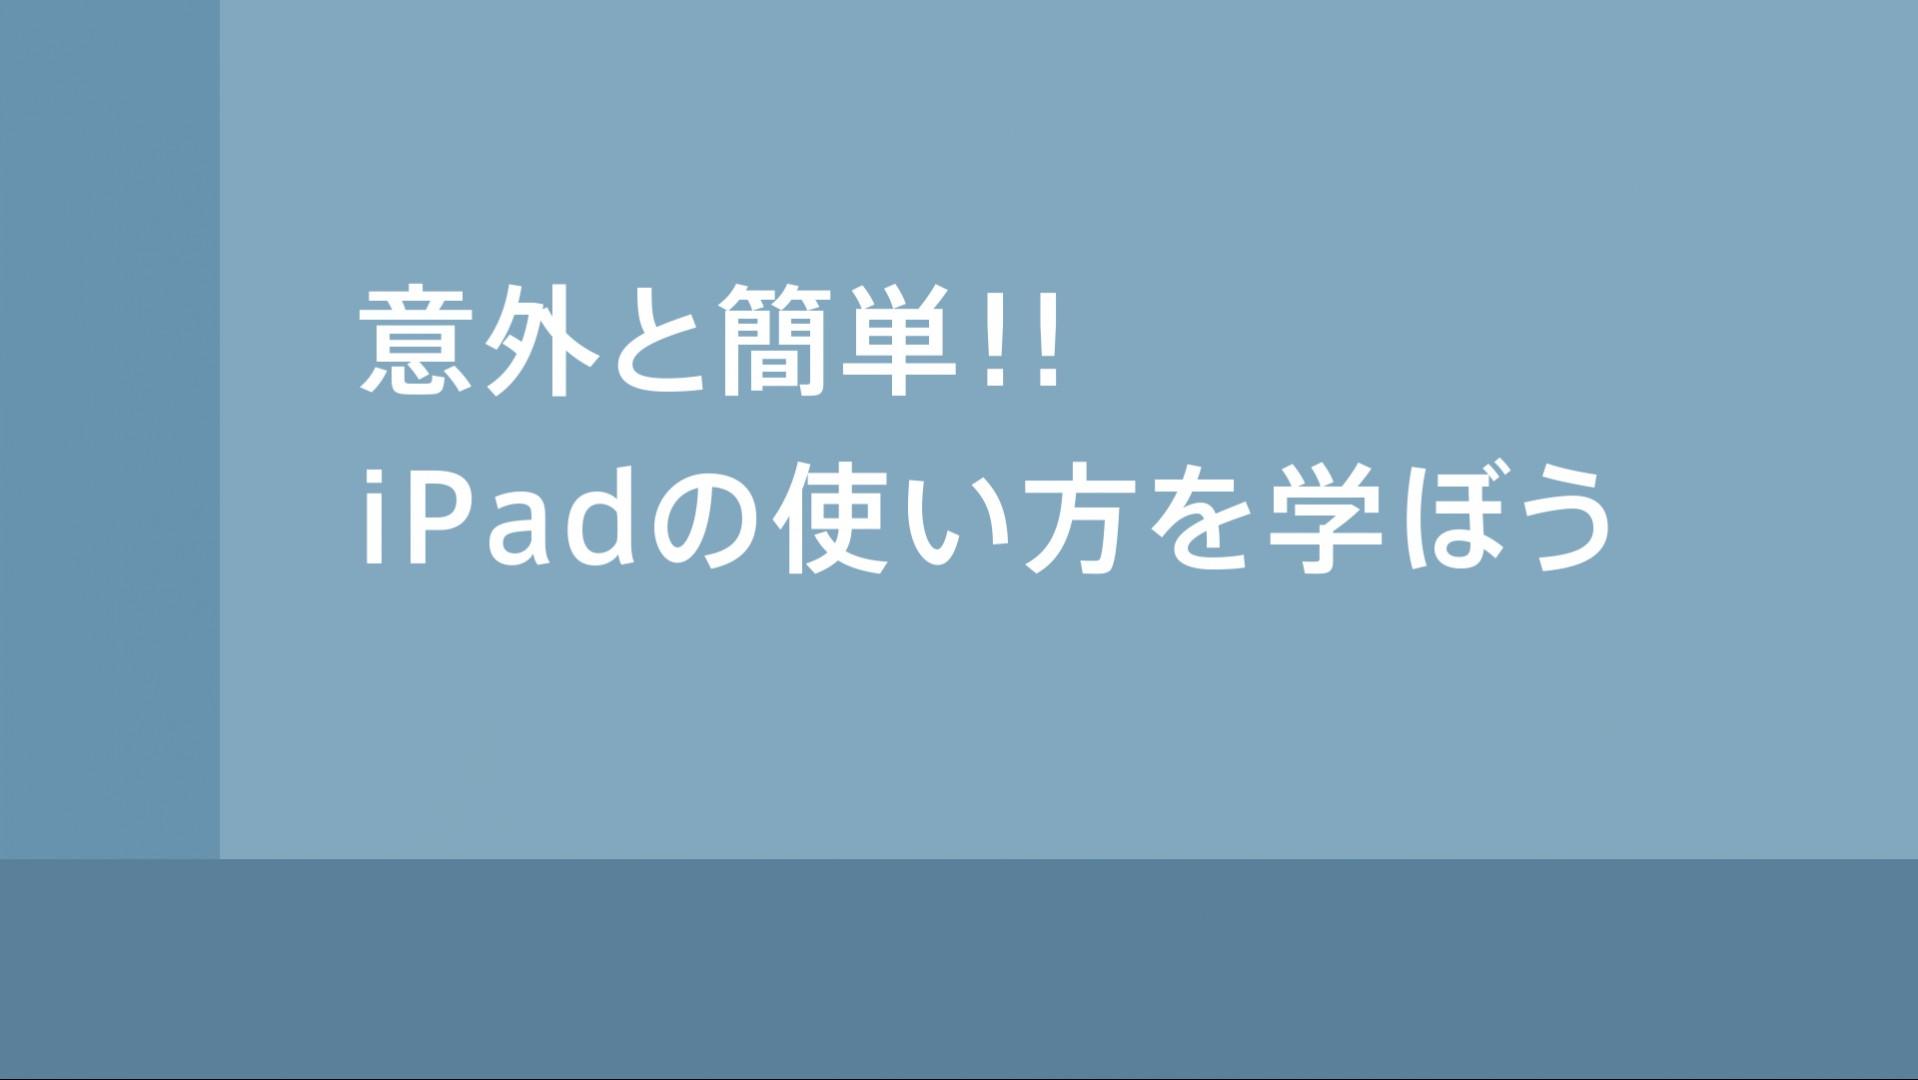 iPad mini DropboxでOfficeのドキュメントを開き、メールでURLを送って共有する